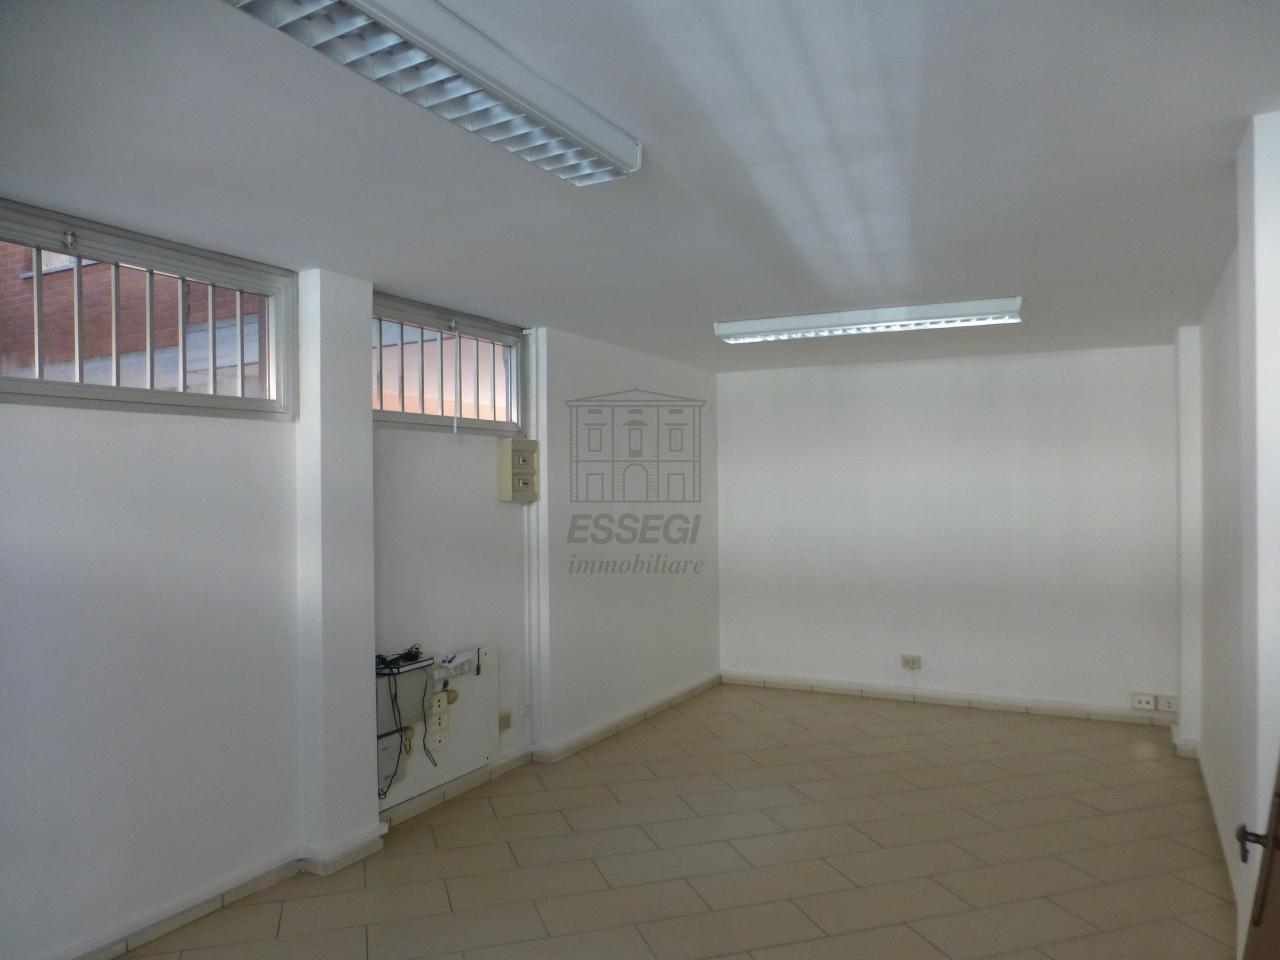 Ufficio - ristrutturato a Nord, Lucca Rif. 12171683